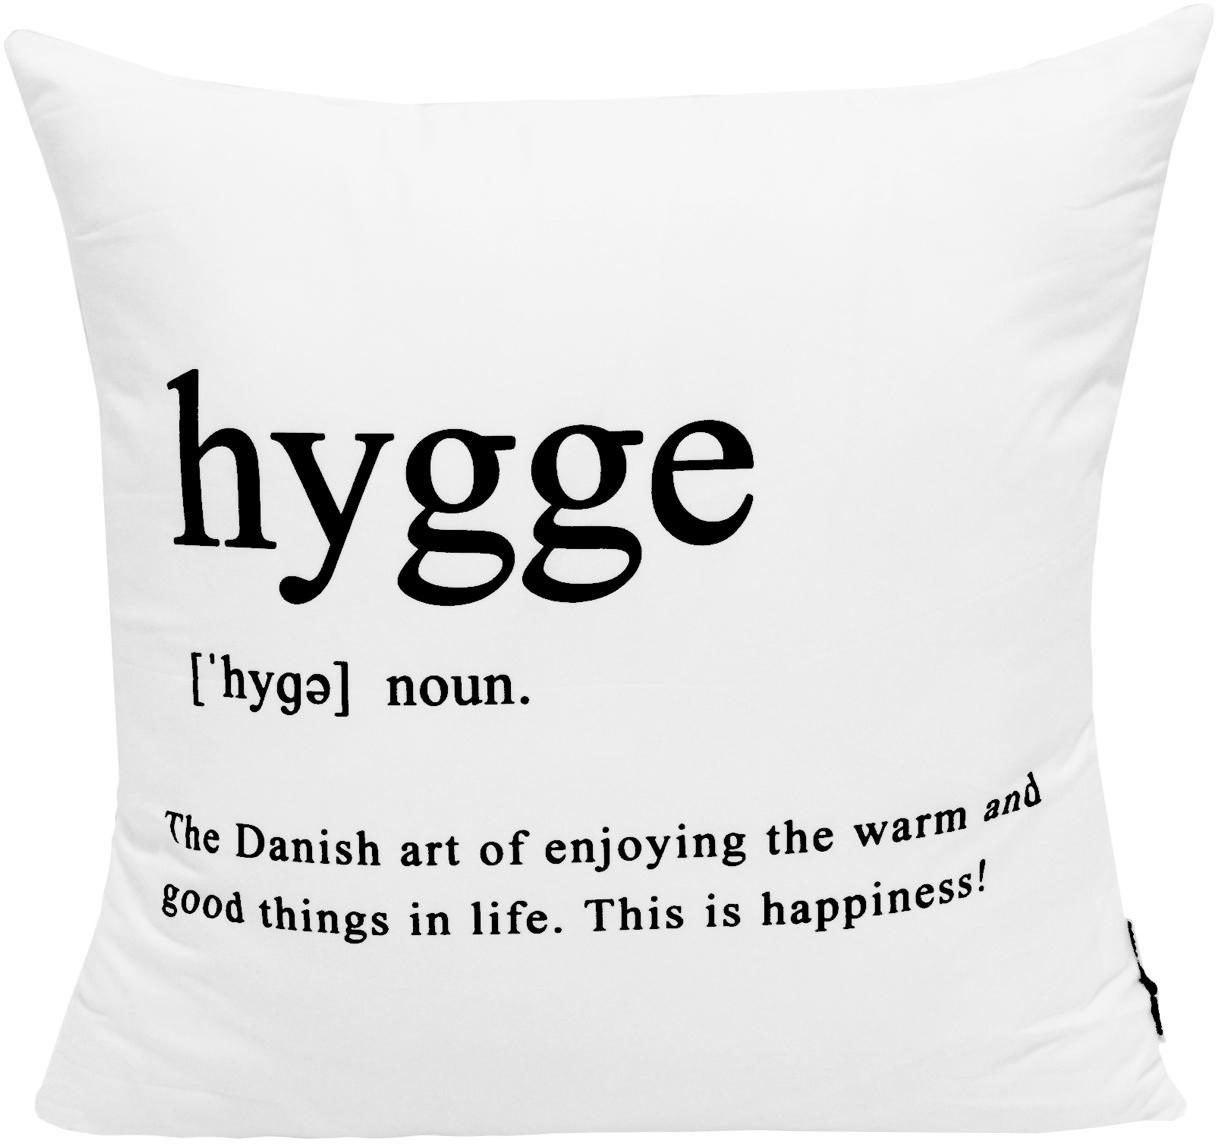 Poszewka na poduszkę Hygge, Poliester, Czarny, biały, S 45 x D 45 cm